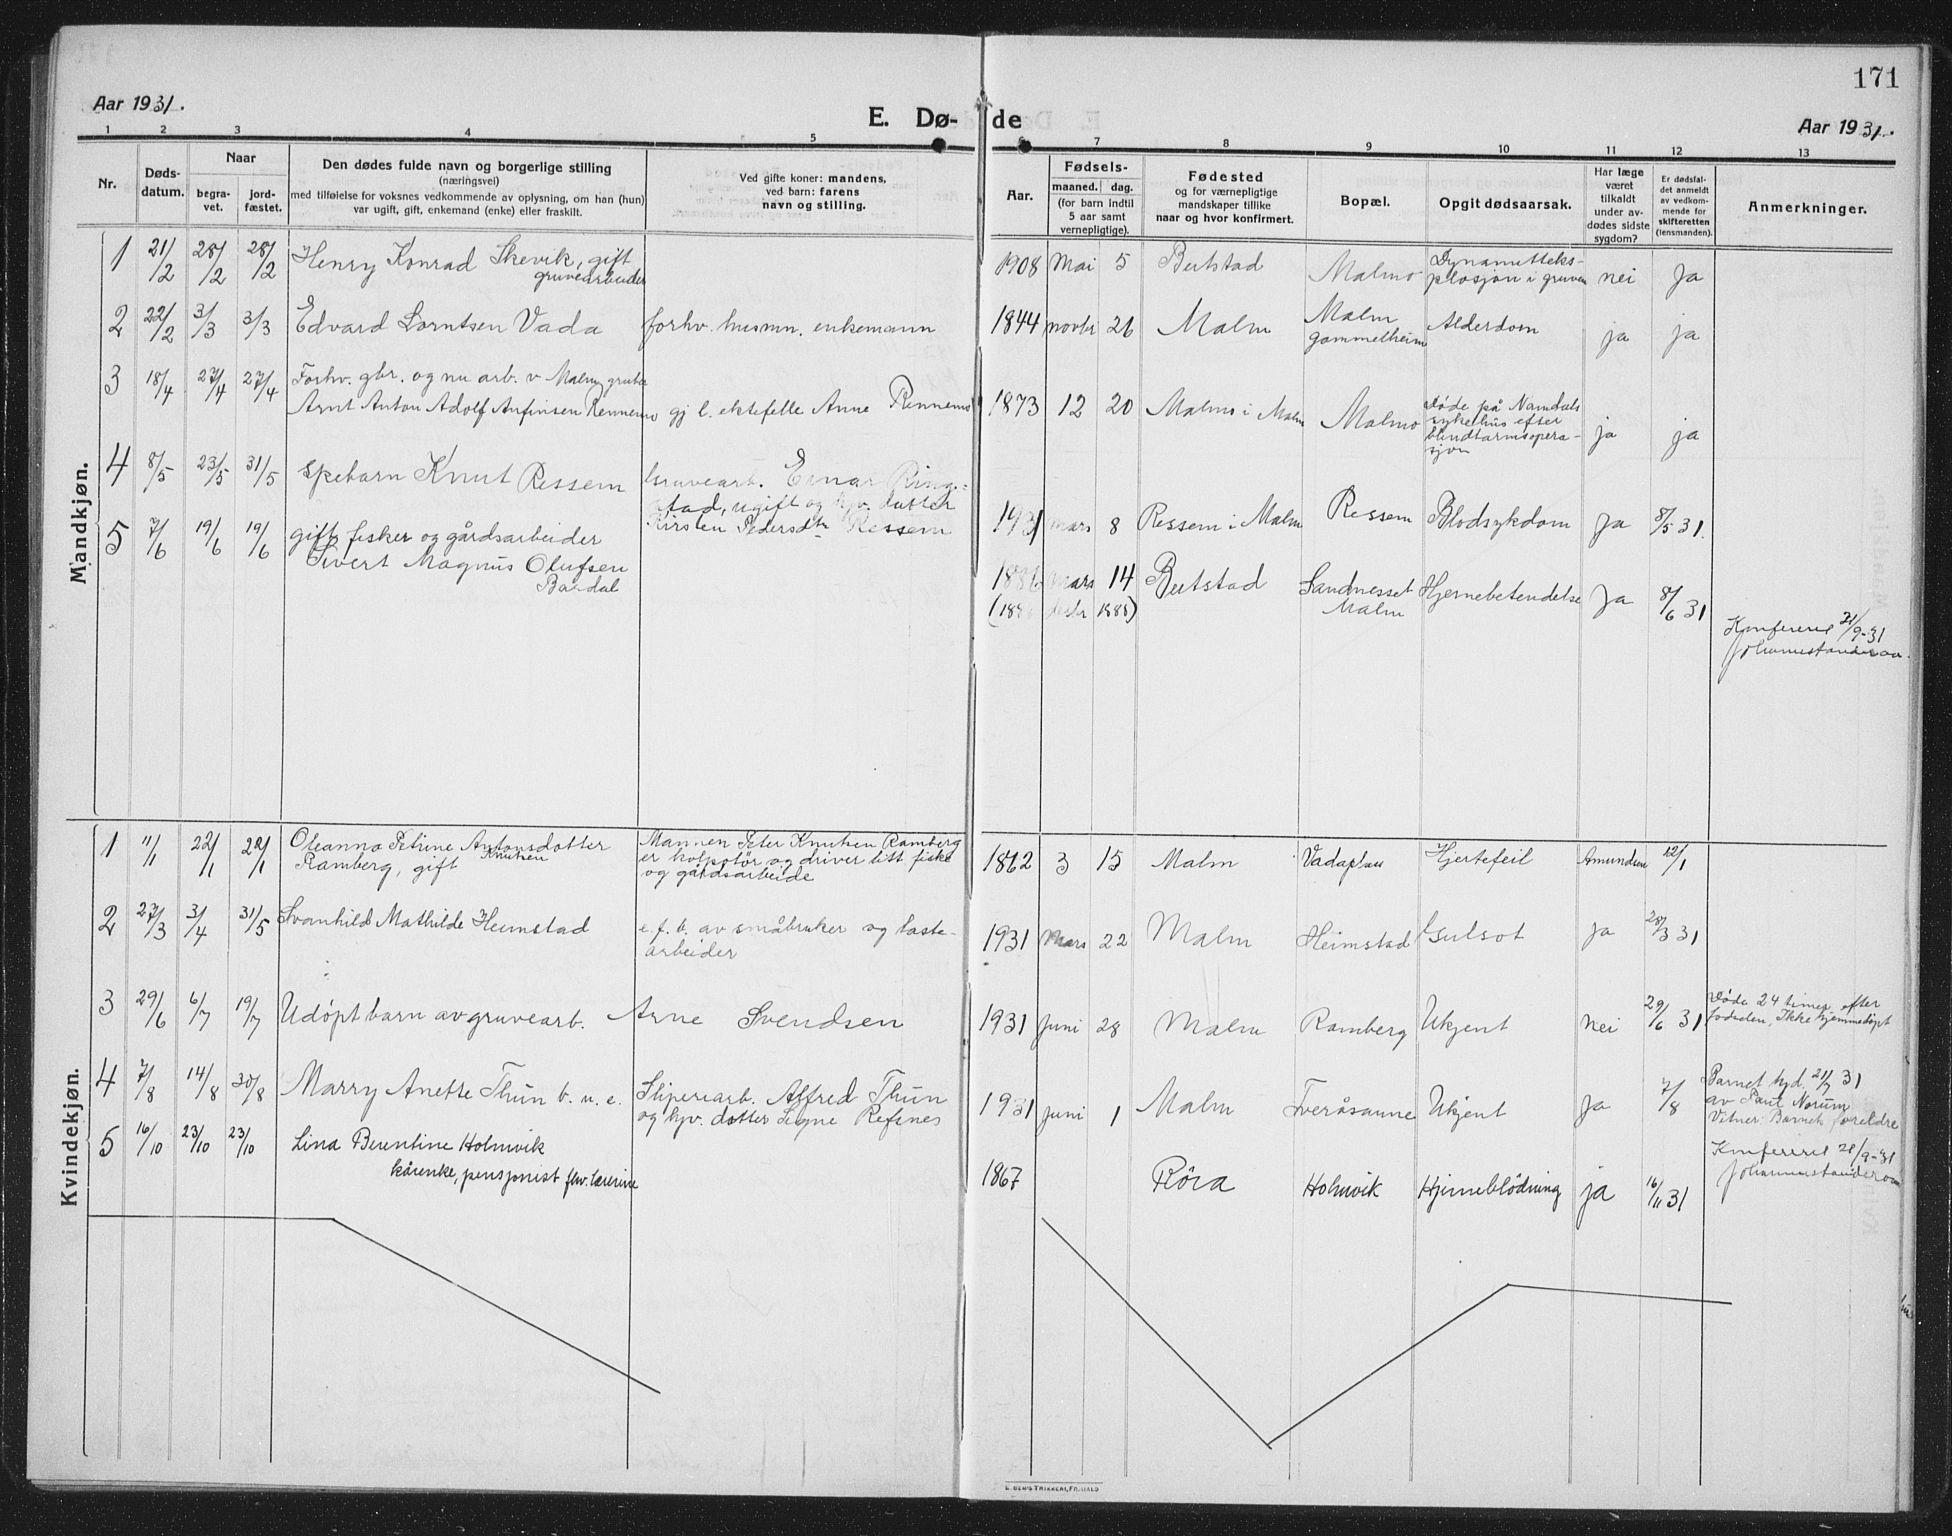 SAT, Ministerialprotokoller, klokkerbøker og fødselsregistre - Nord-Trøndelag, 745/L0434: Klokkerbok nr. 745C03, 1914-1937, s. 171